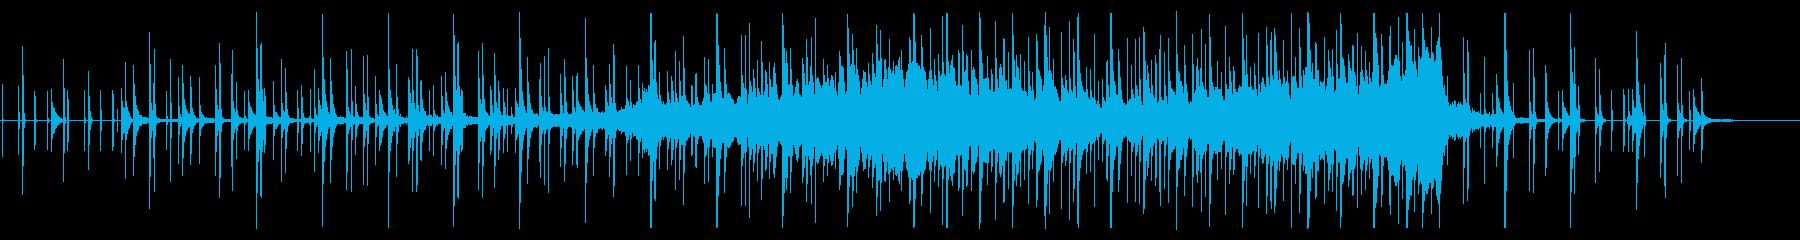 教育系 何かをじっと観察する時のBGMの再生済みの波形